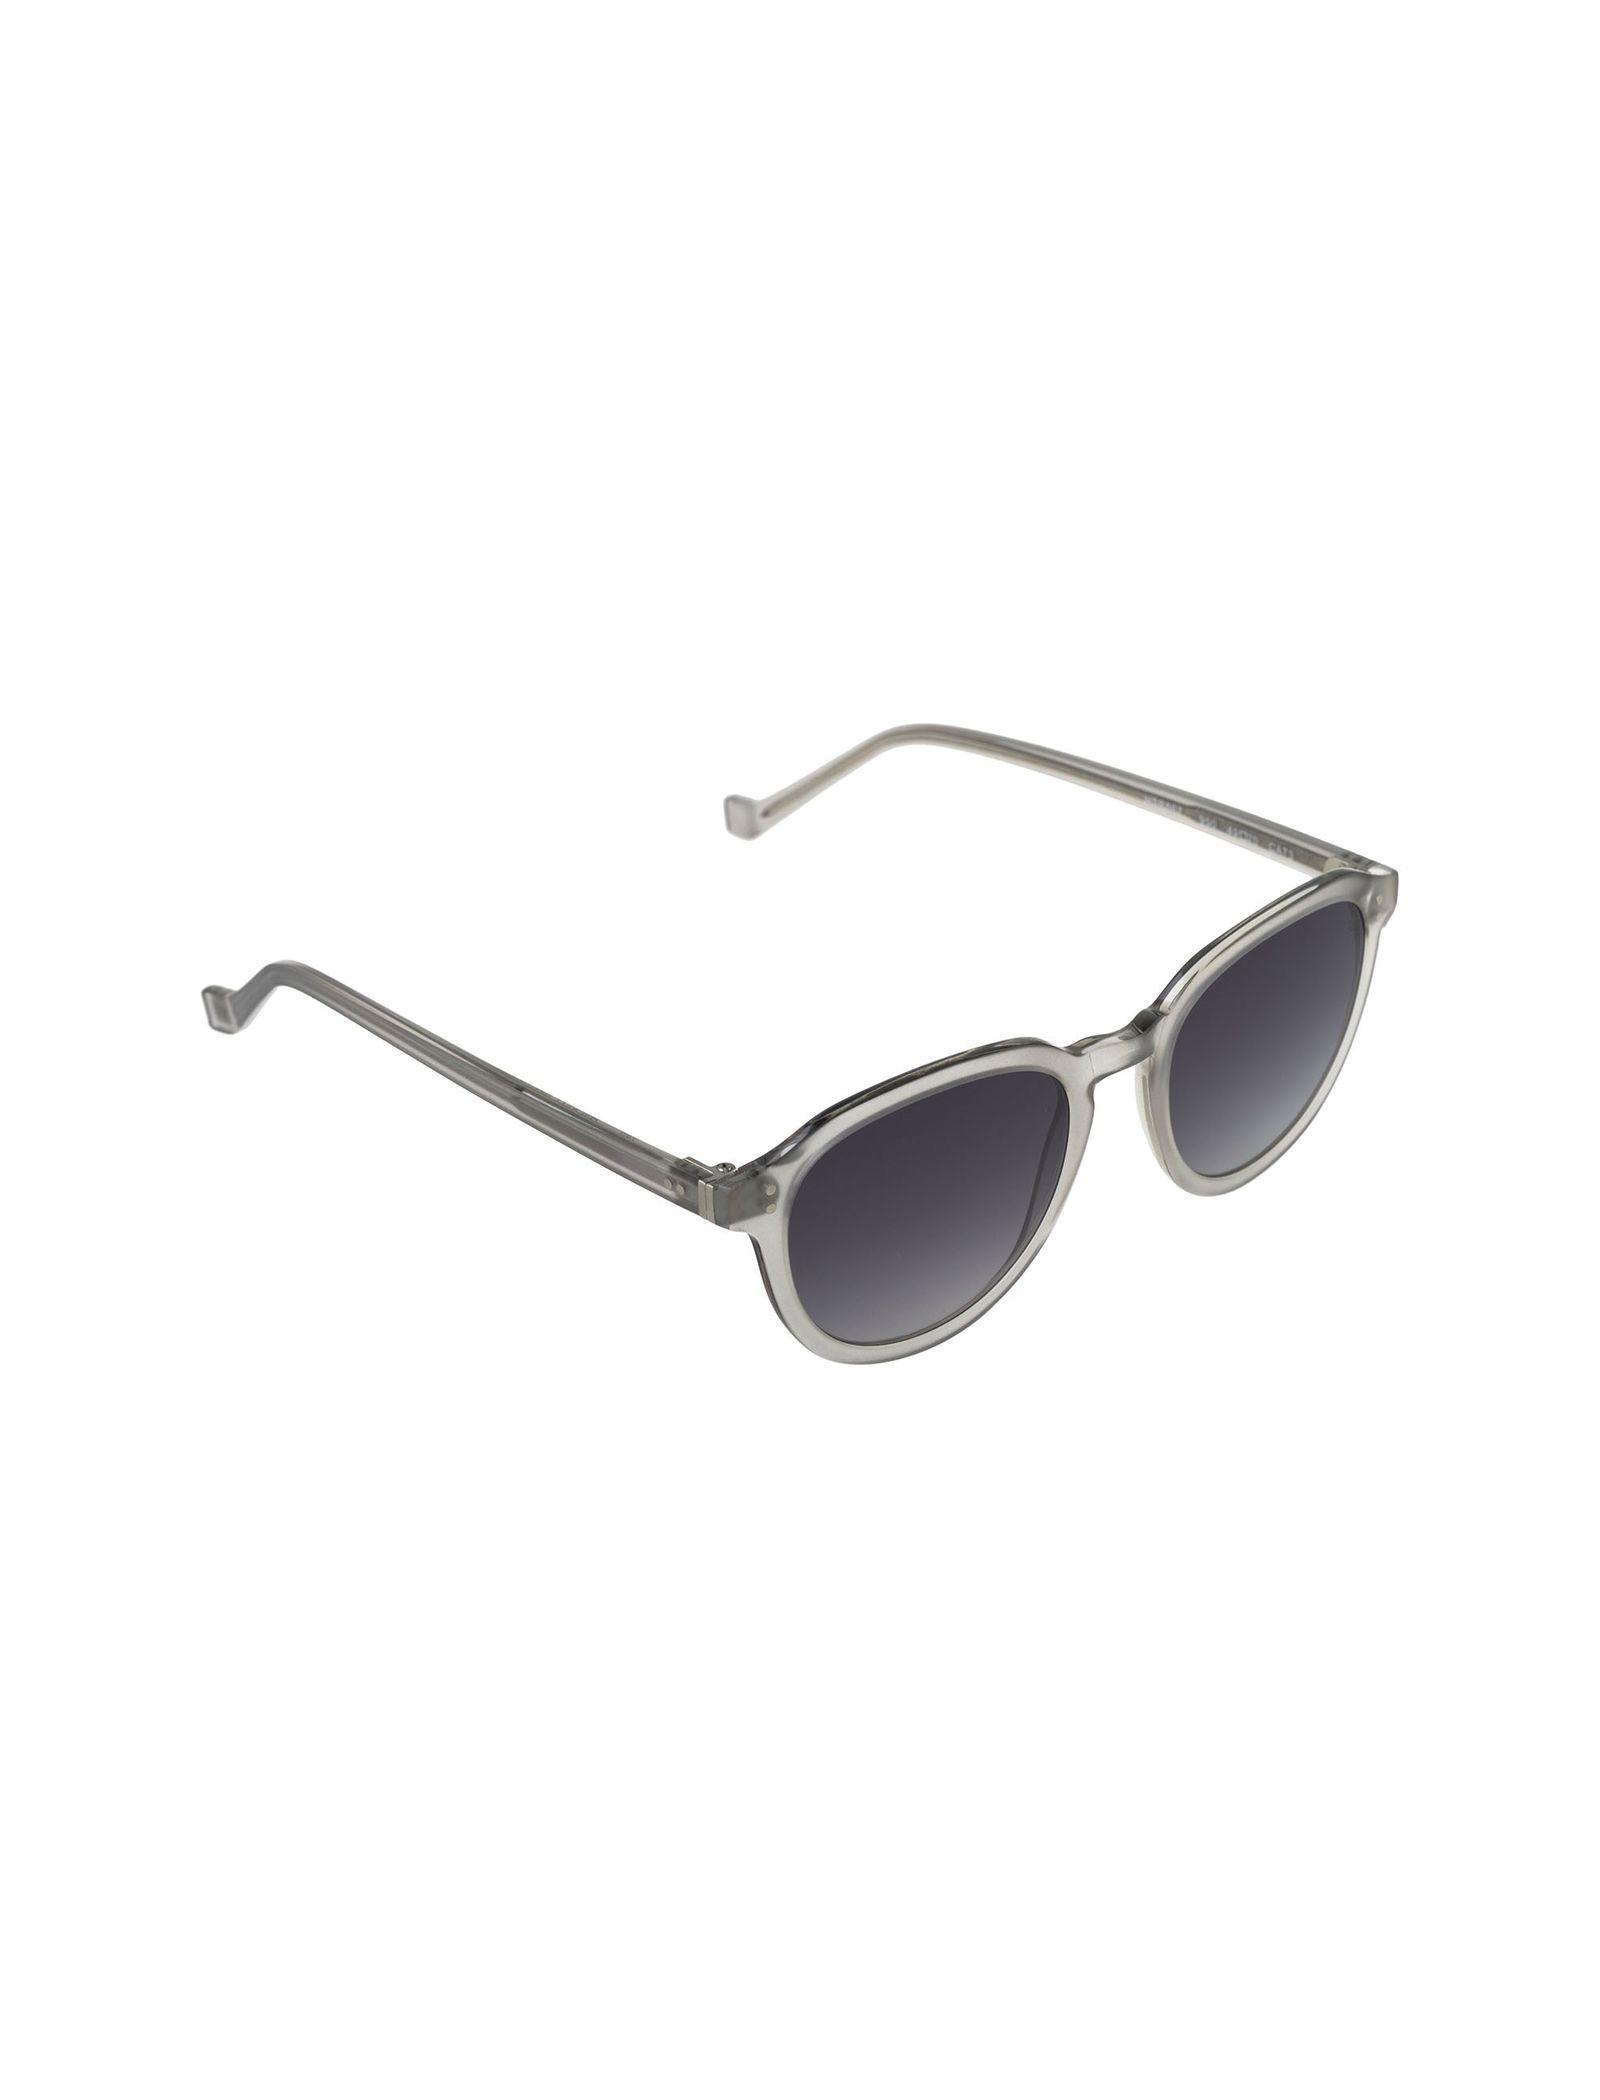 عینک آفتابی پنتوس زنانه - هکت - طوسي   - 2